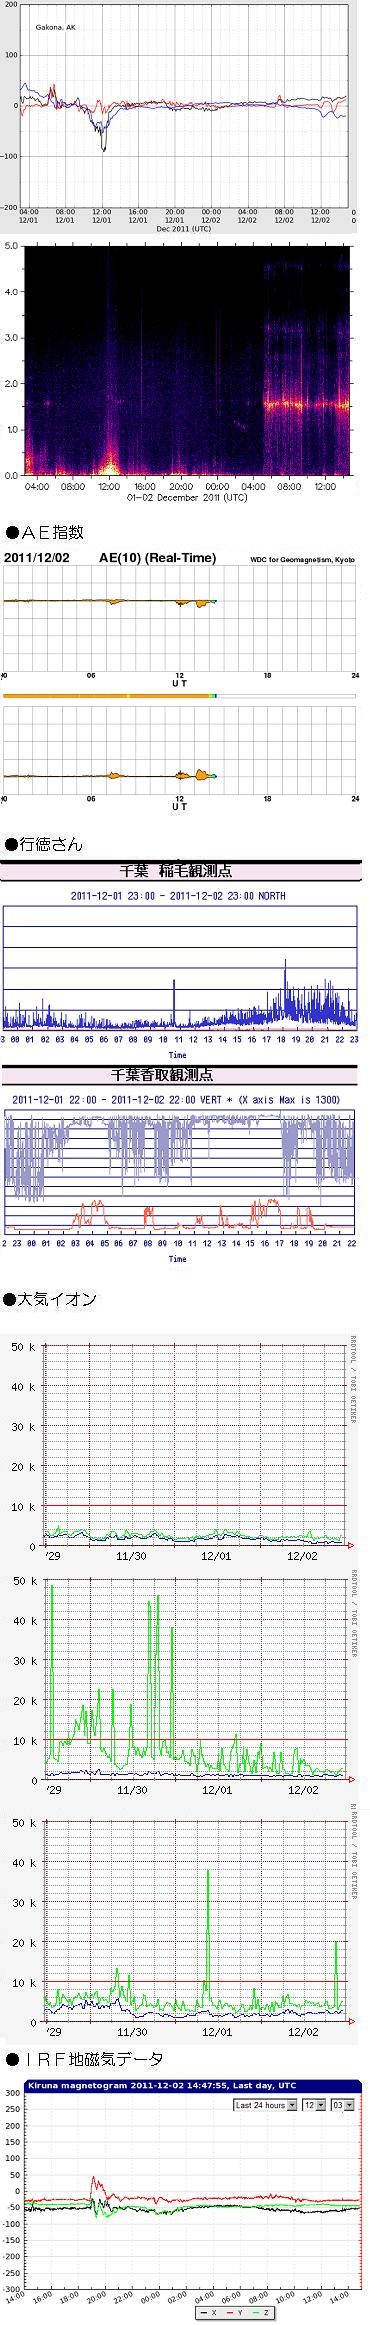 1203-1 データ